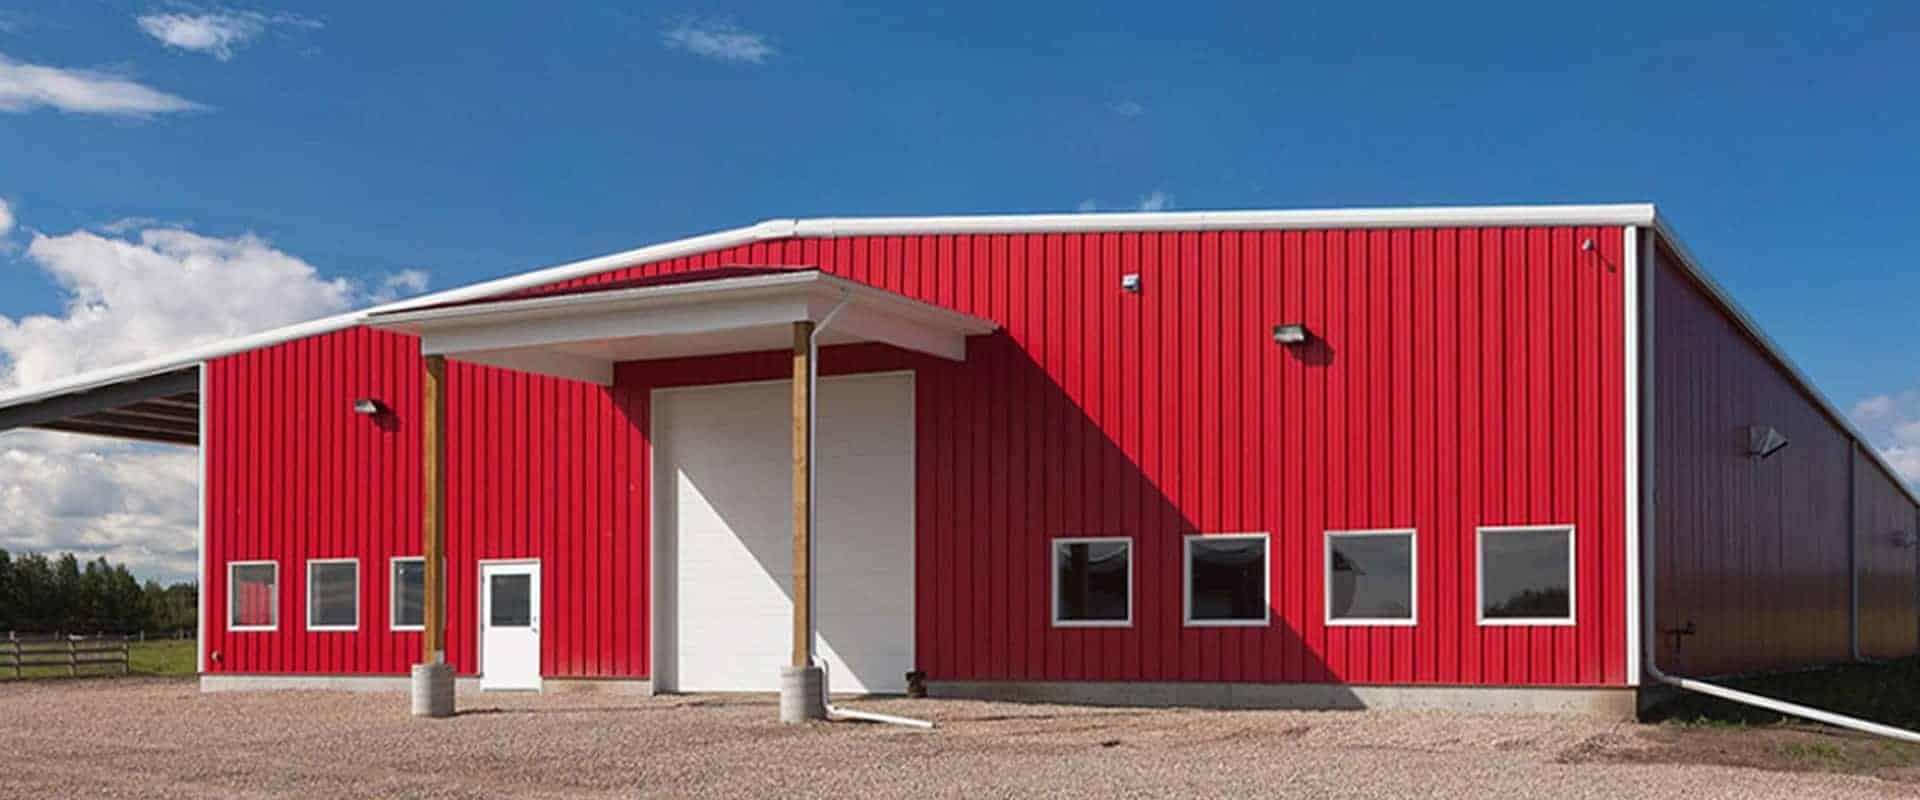 Kodiak Steel Farm Buildings